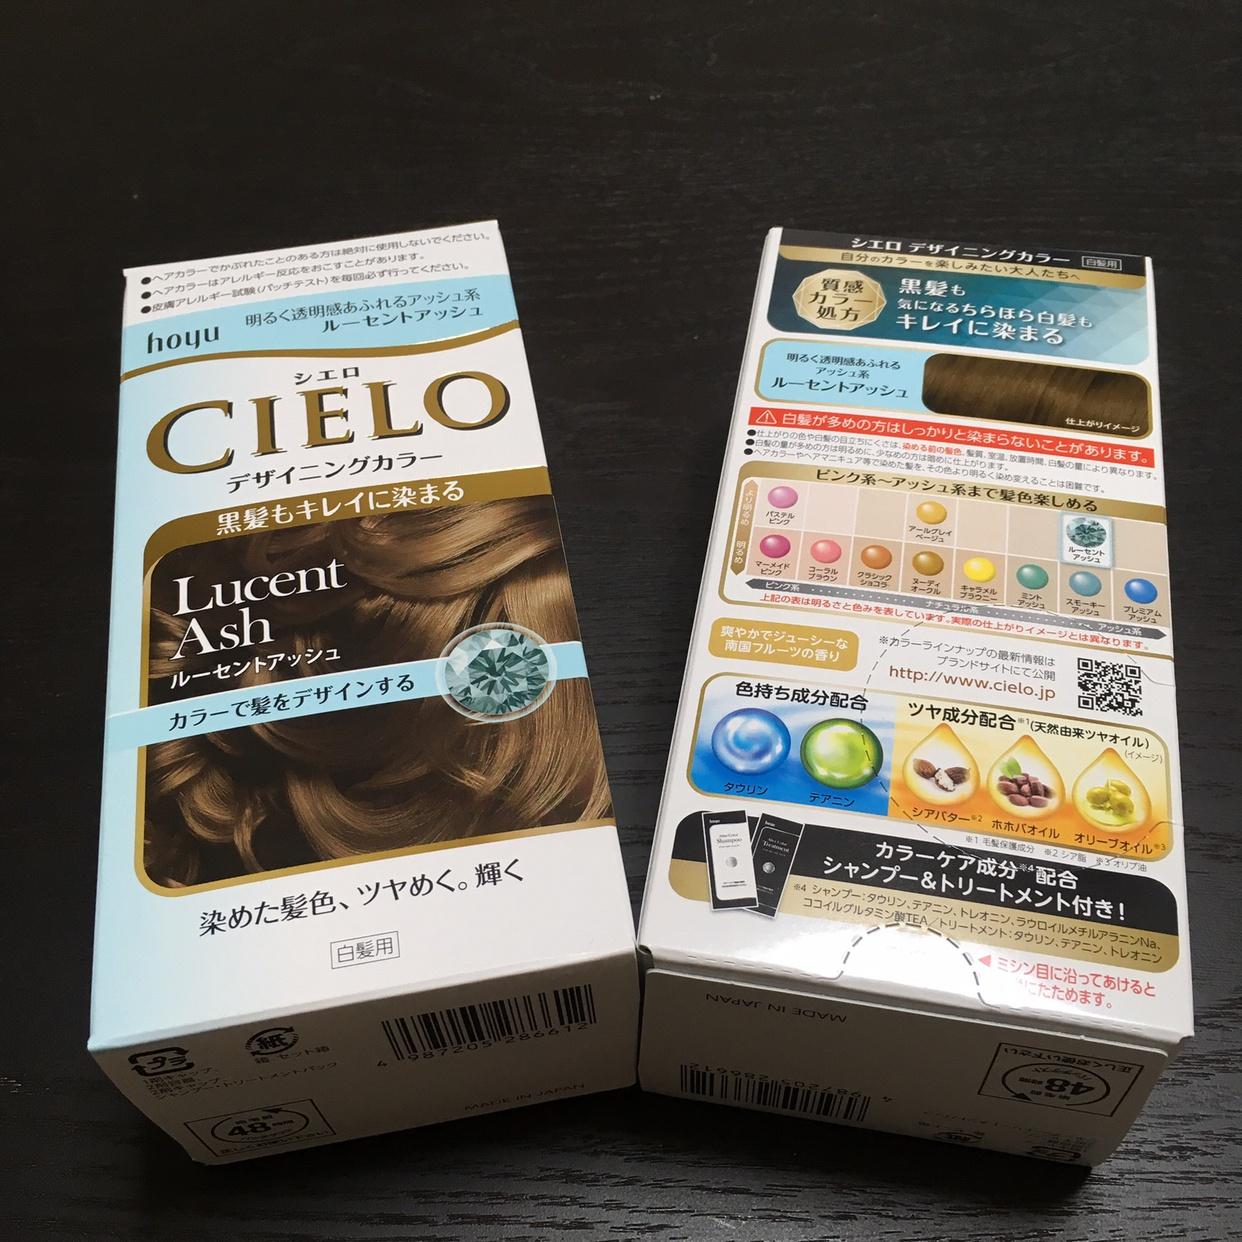 CIELO(シエロ) デザイニングカラーを使ったごんさんのクチコミ画像1